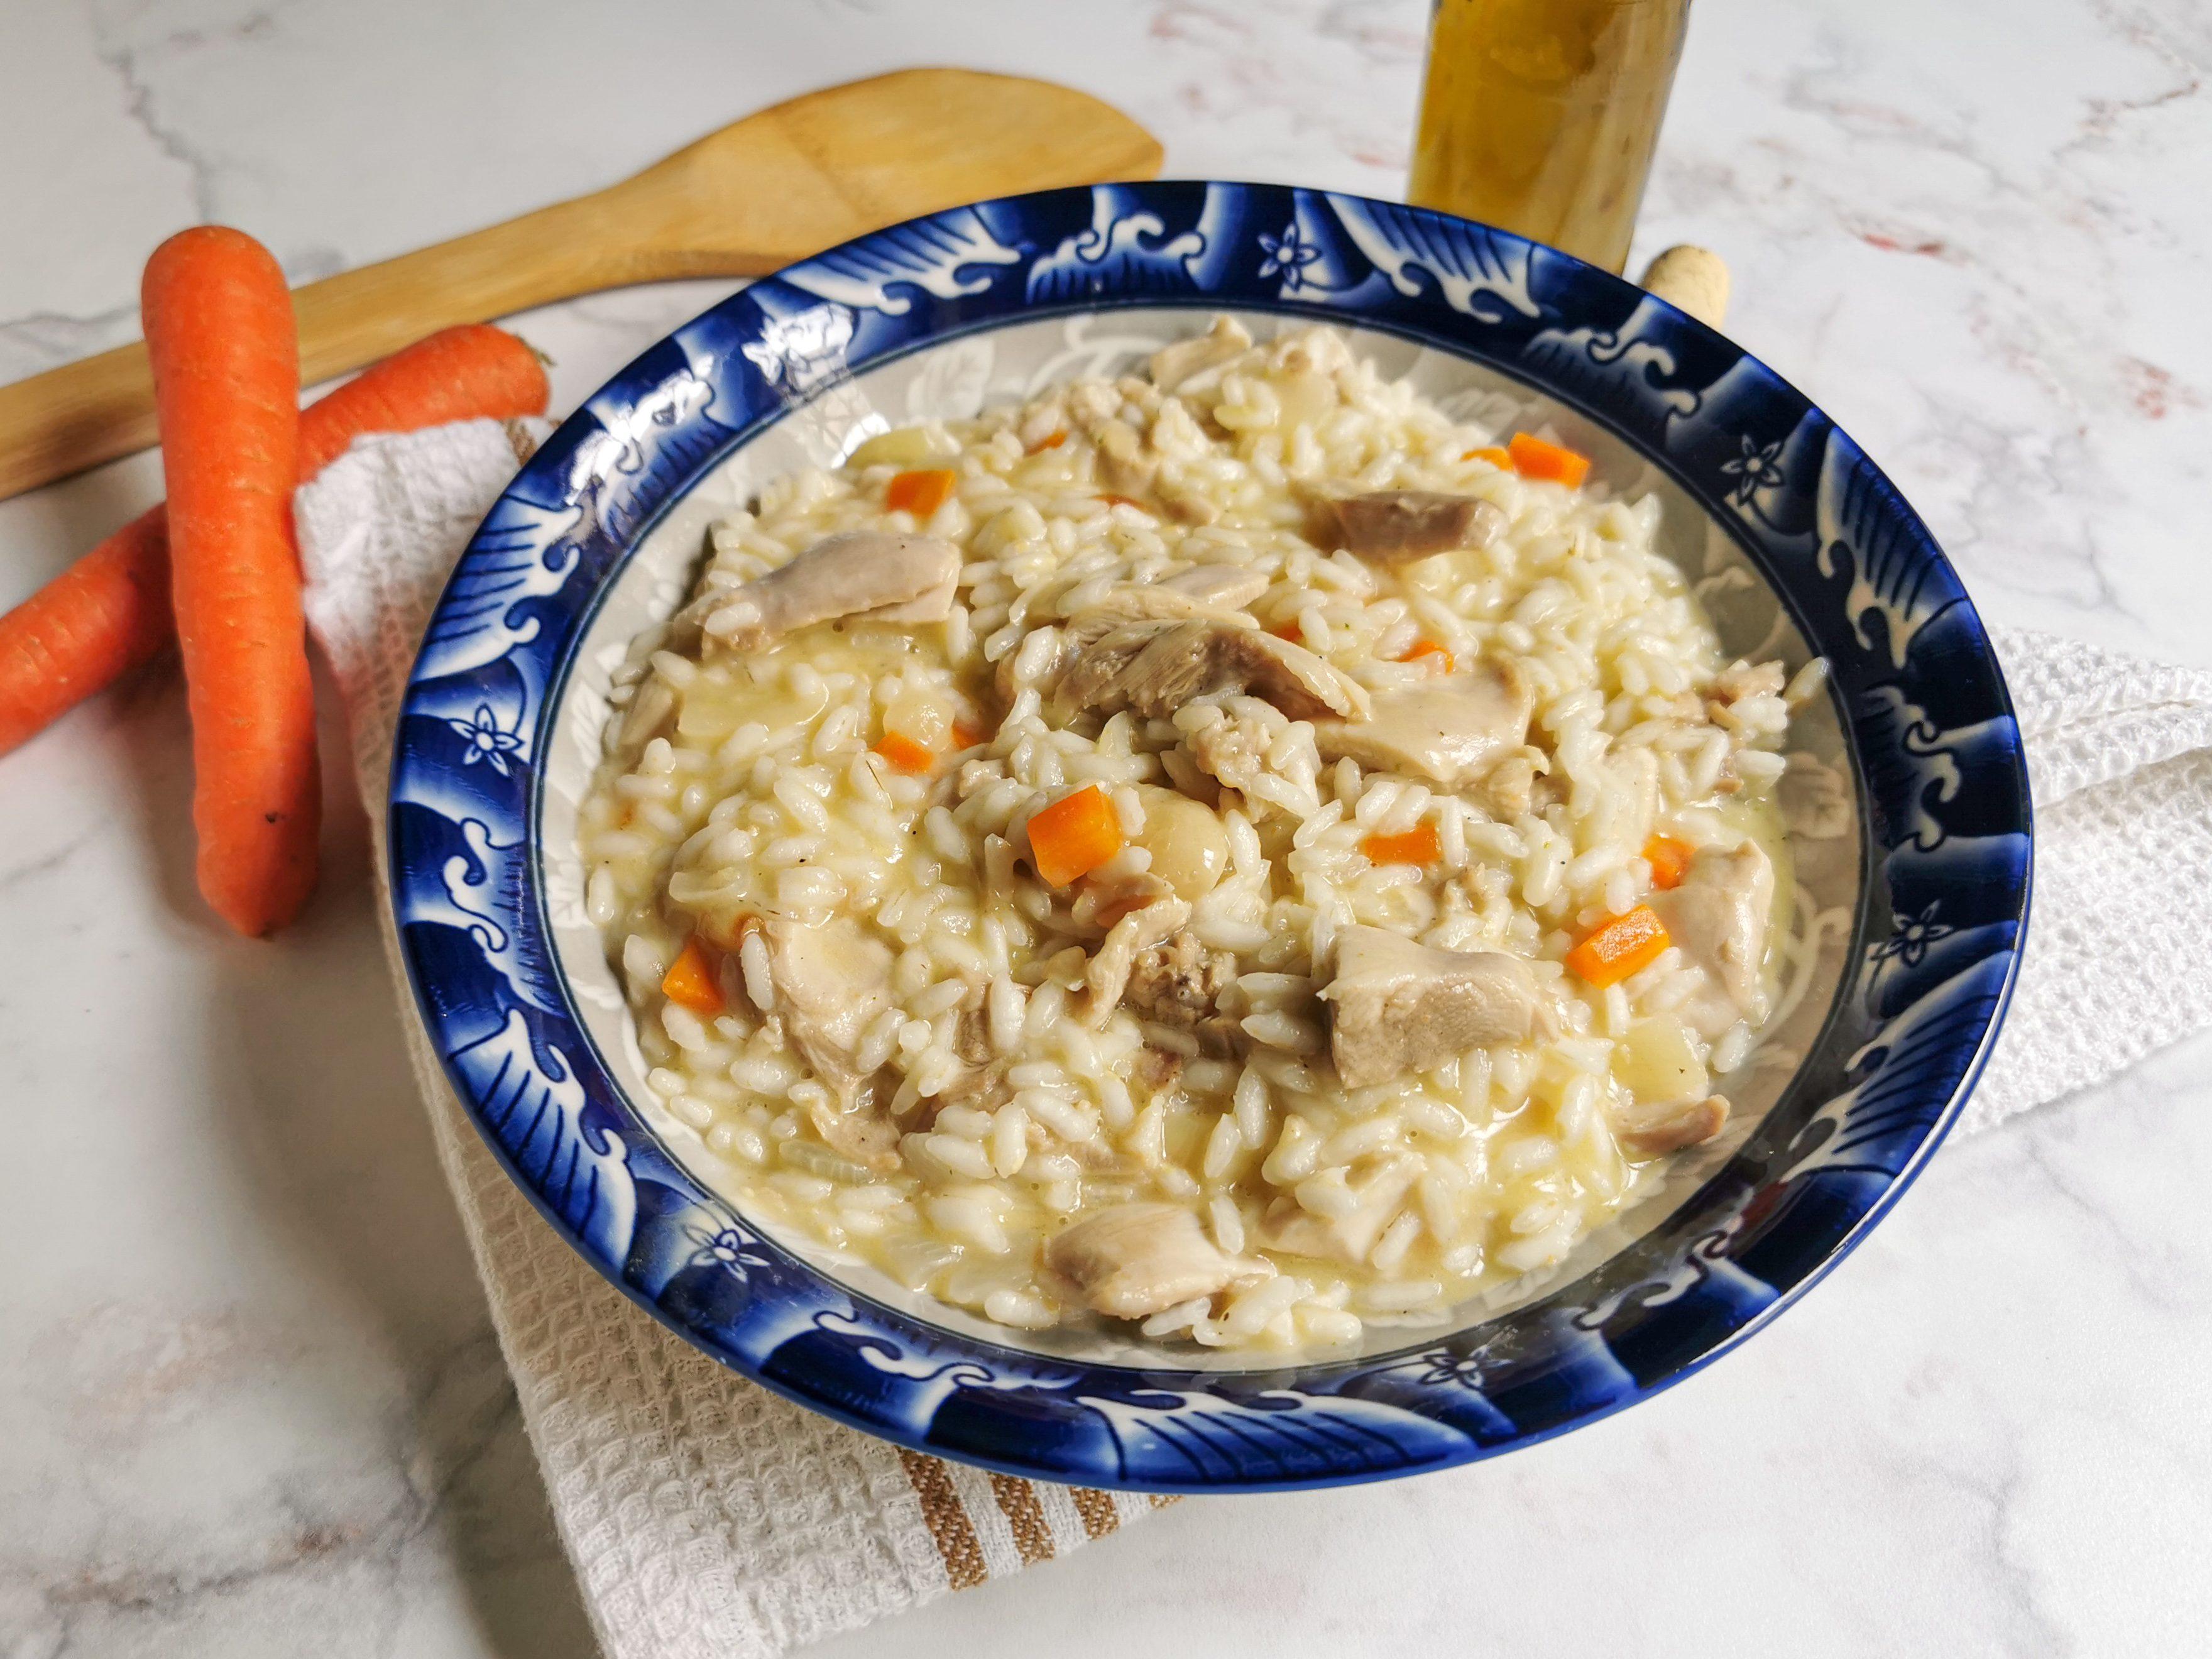 Risotto alla sbirraglia: la ricetta del gustoso primo piatto delle tradizione veneta